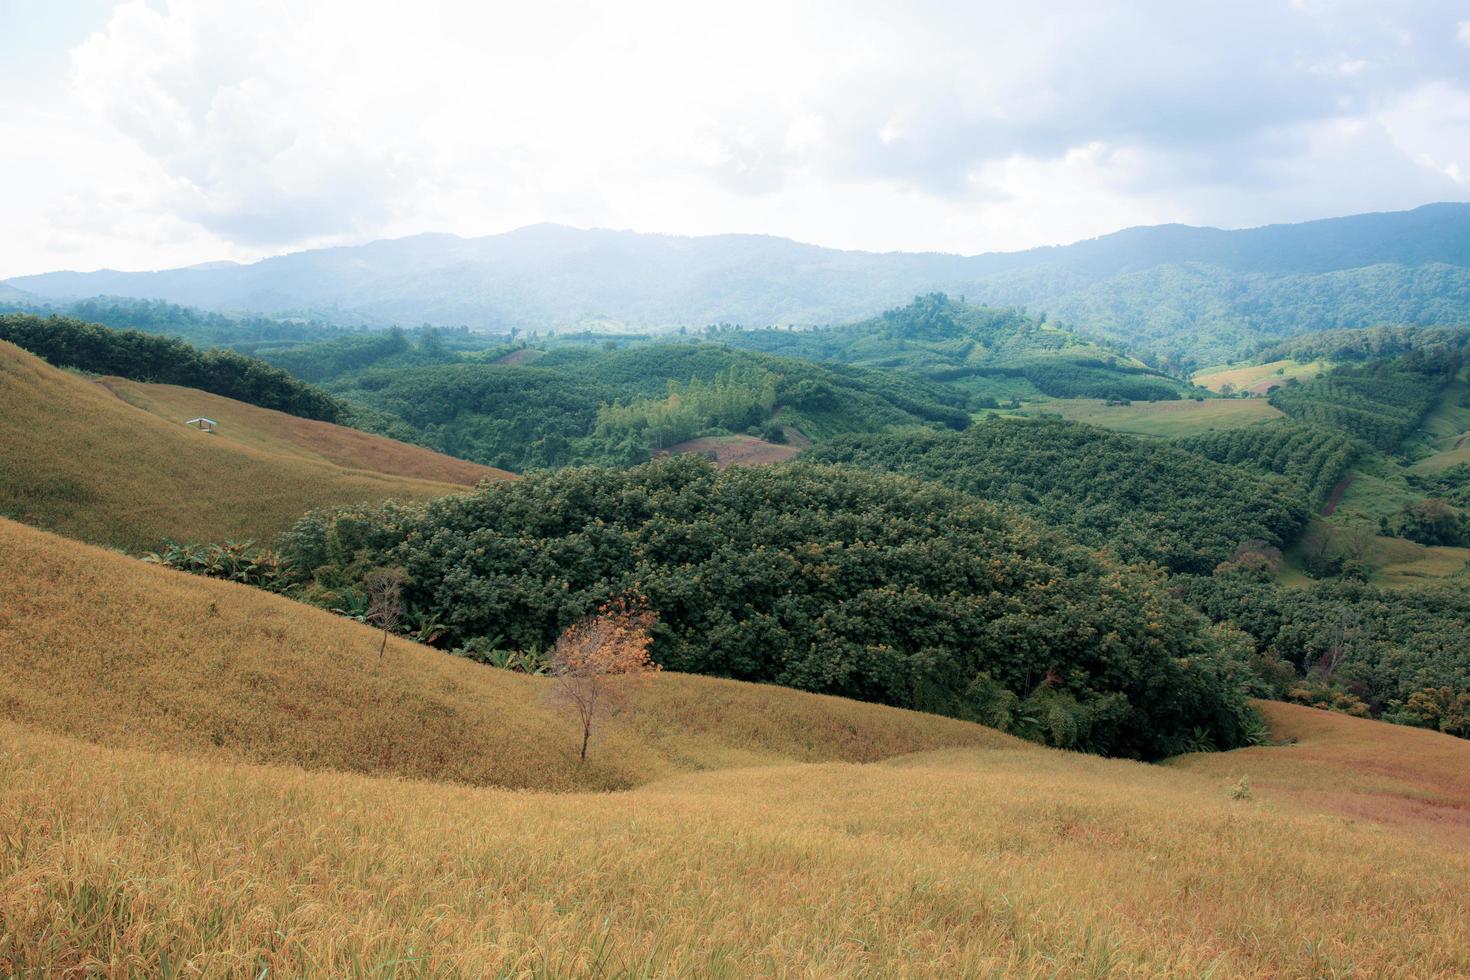 campo de arroz en paisaje montañoso de tierras de cultivo foto